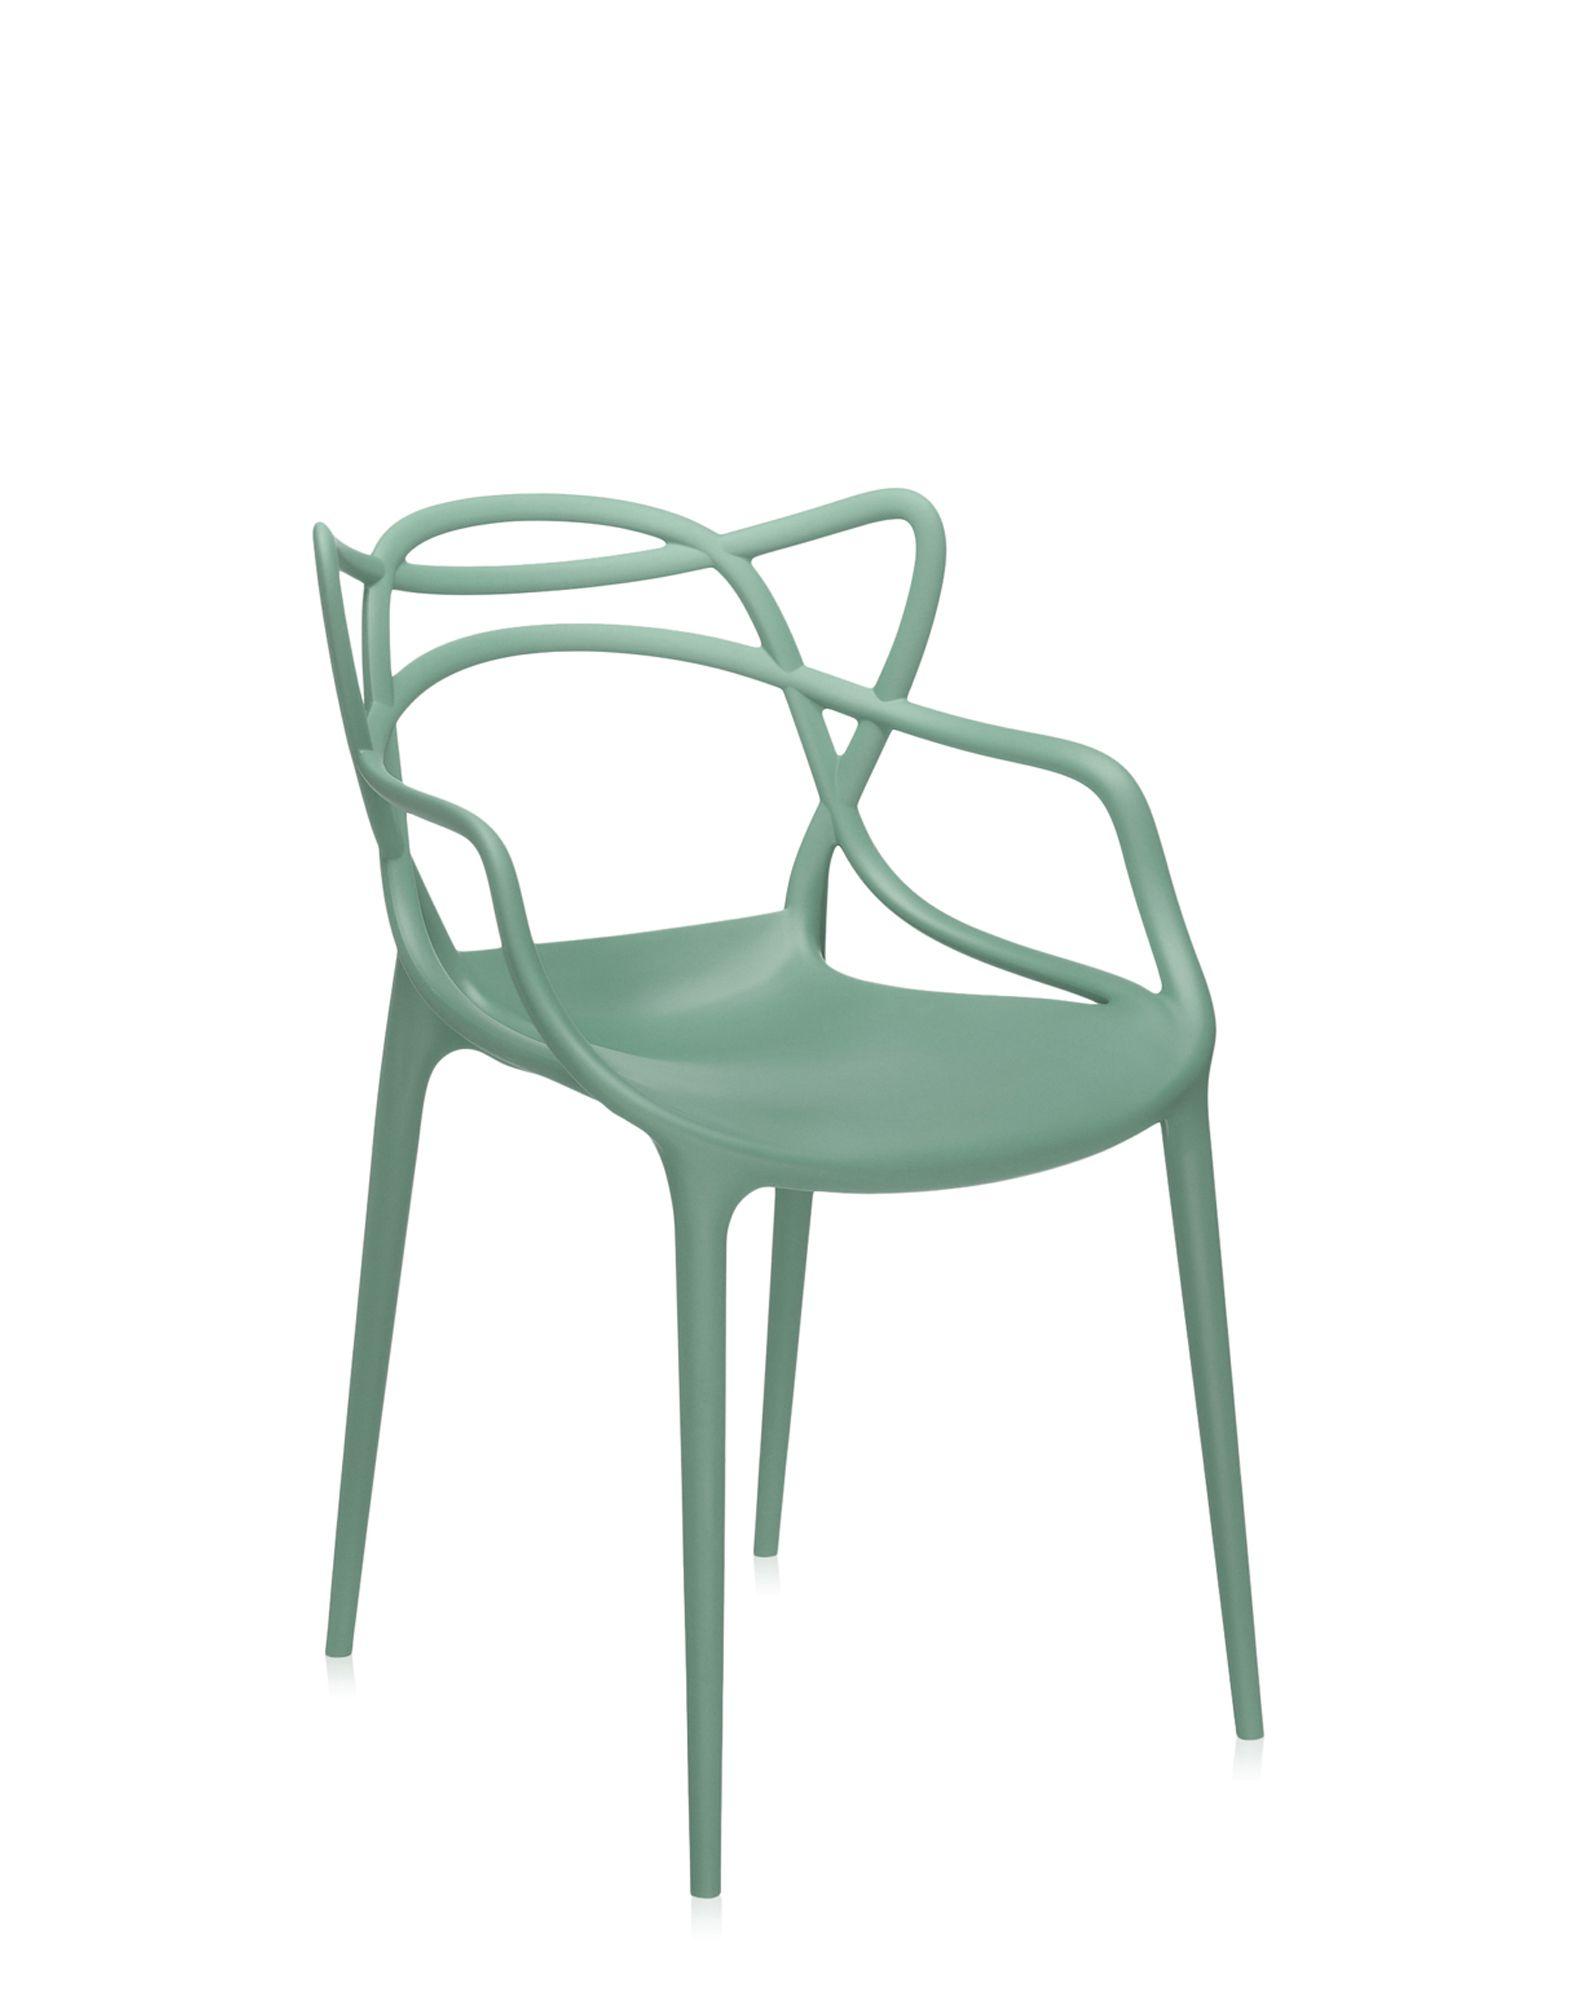 Kartell sedia masters verde salvia kartell sedie design for Sedie design kartell